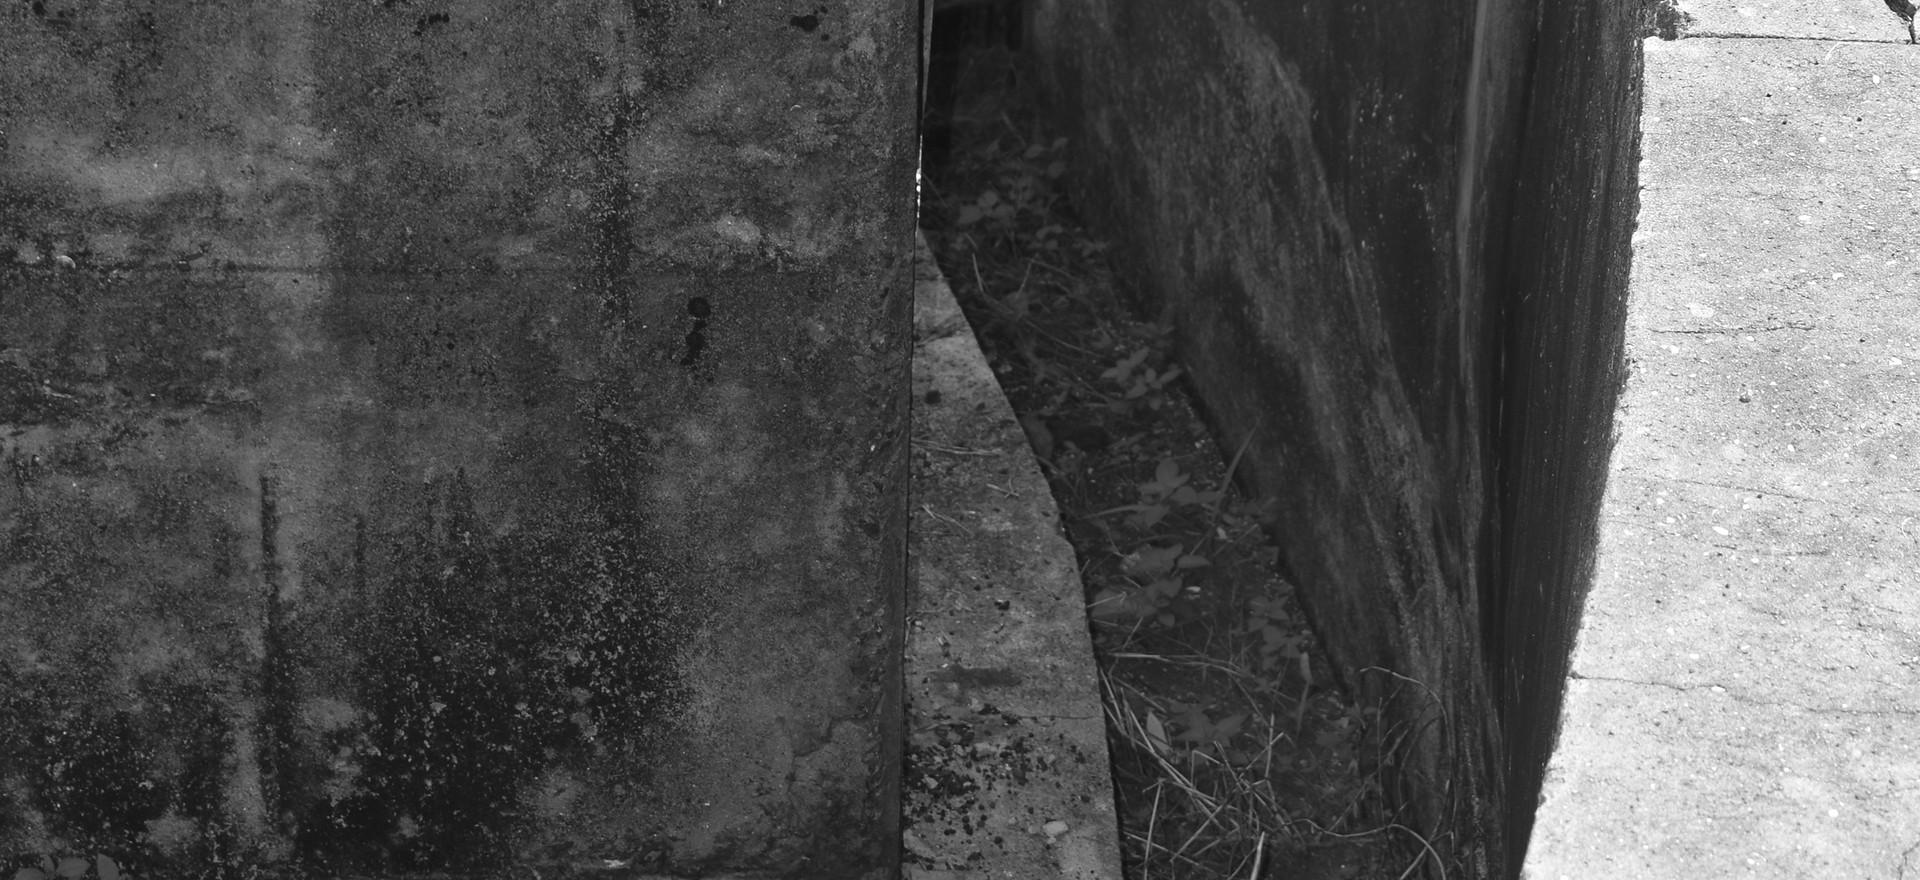 Subterranean corridor, WWII gun emplacement, East Point.